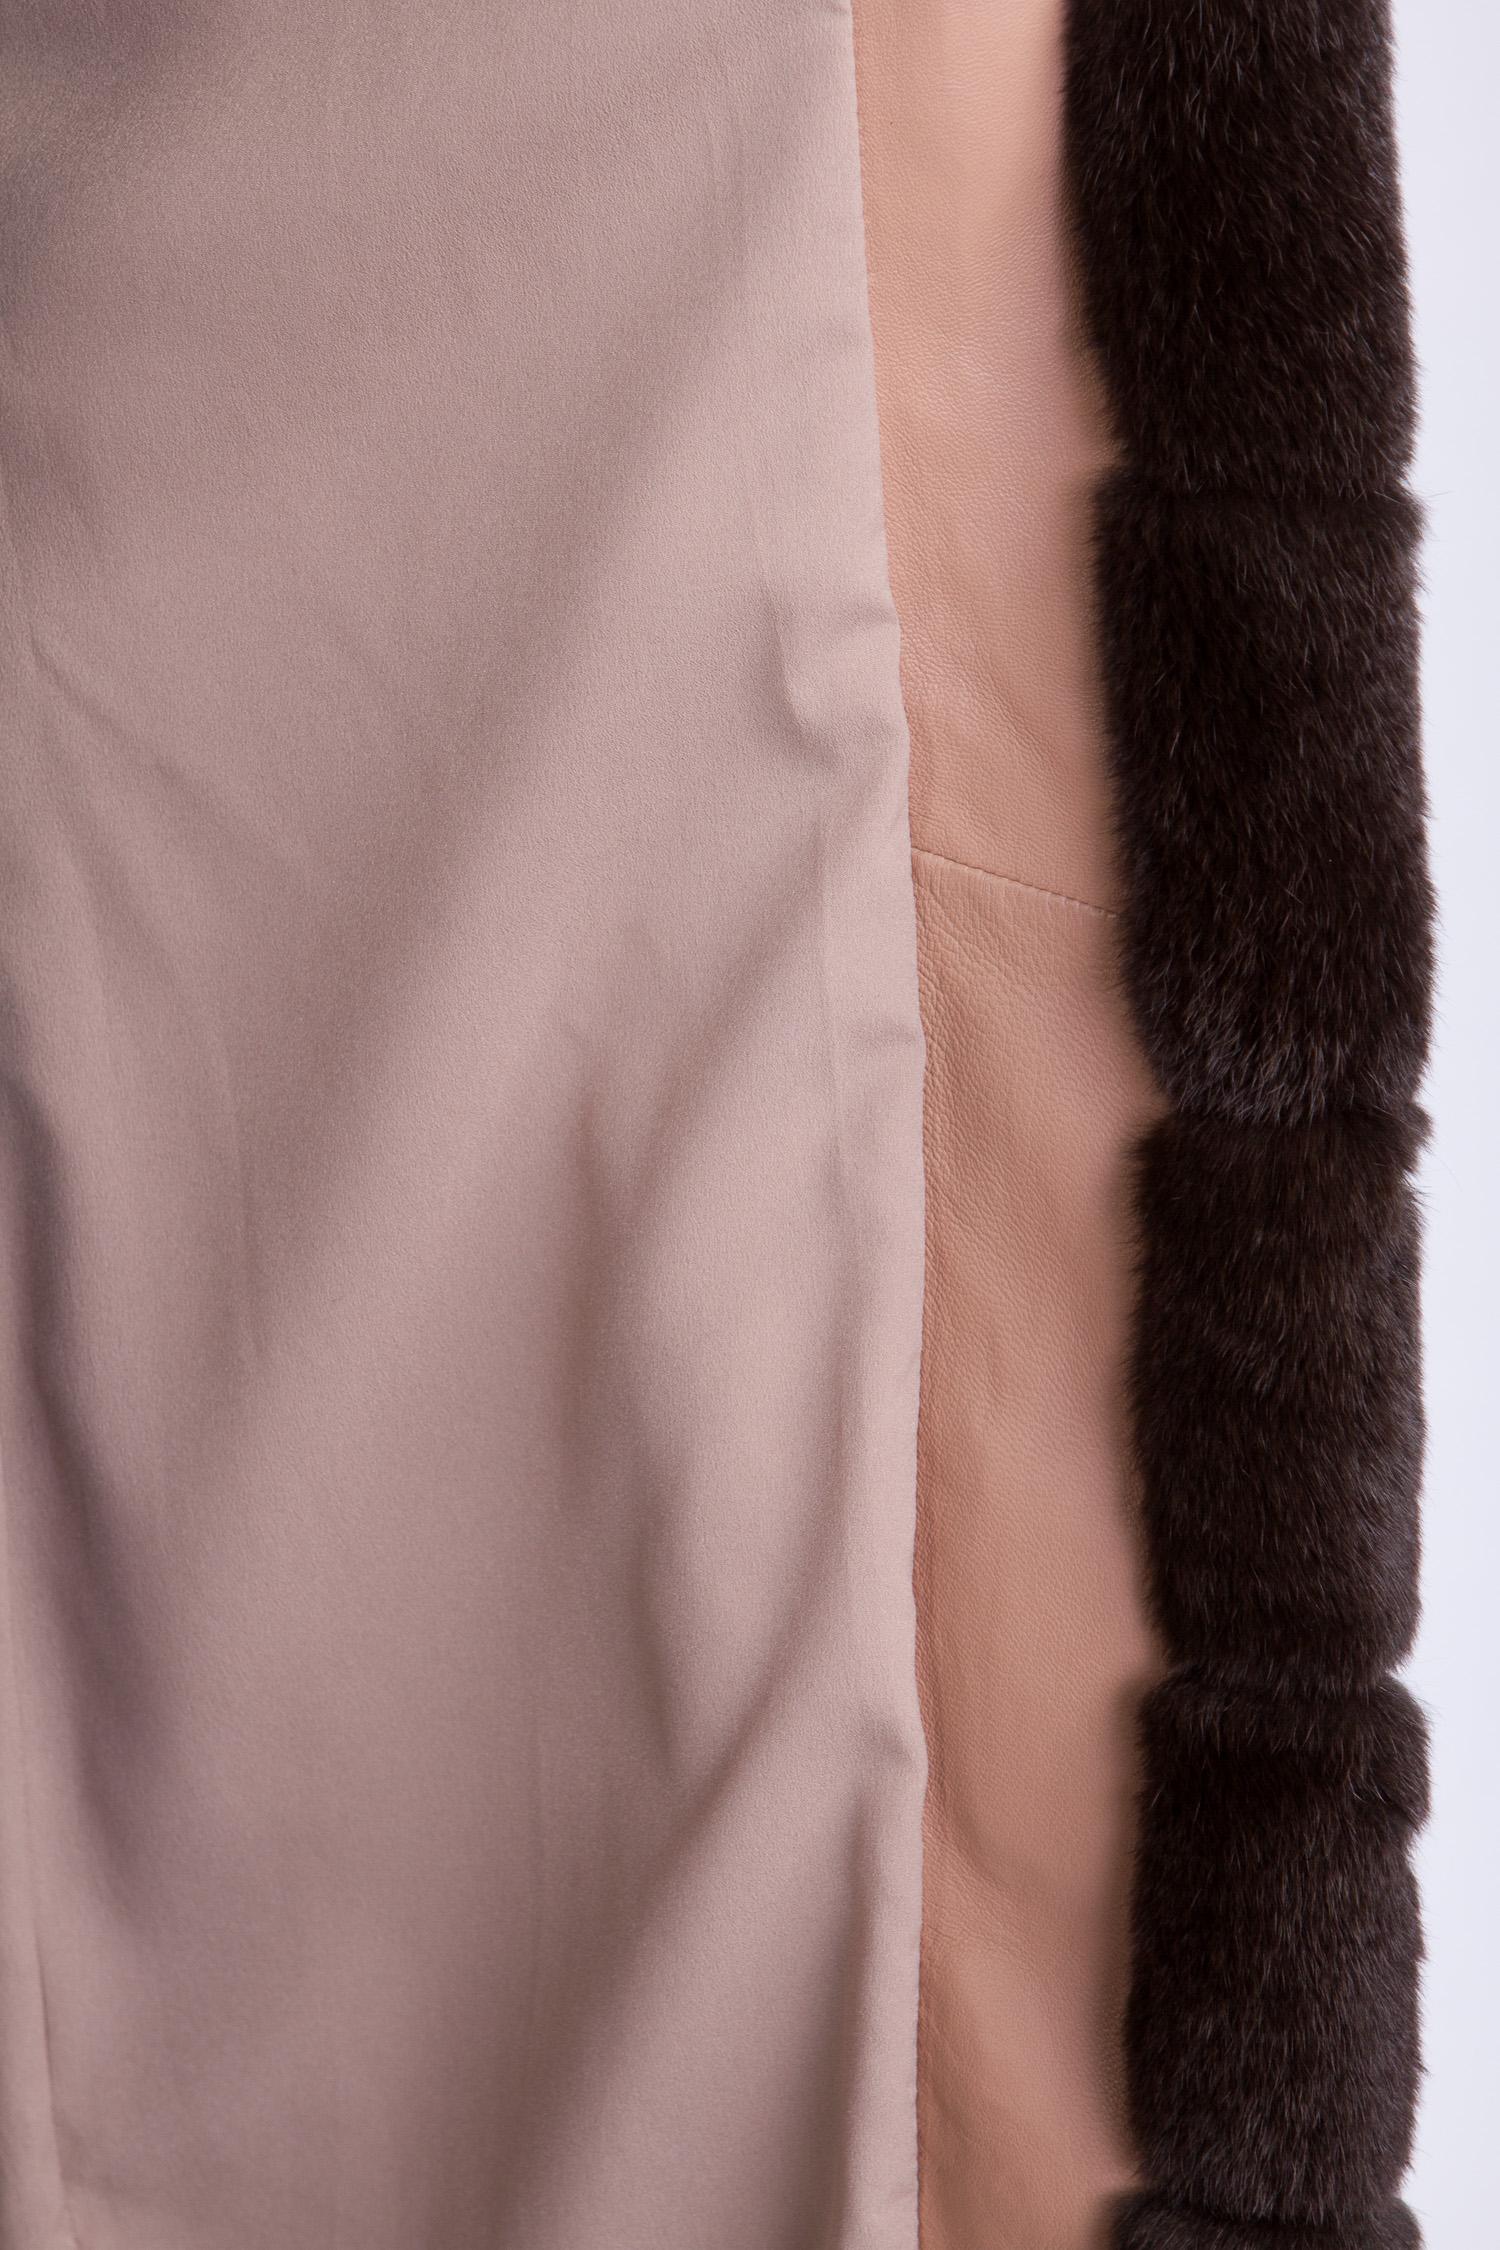 Женское кожаное полупальто из натуральной кожи с воротником, отделка кролик от Московская Меховая Компания